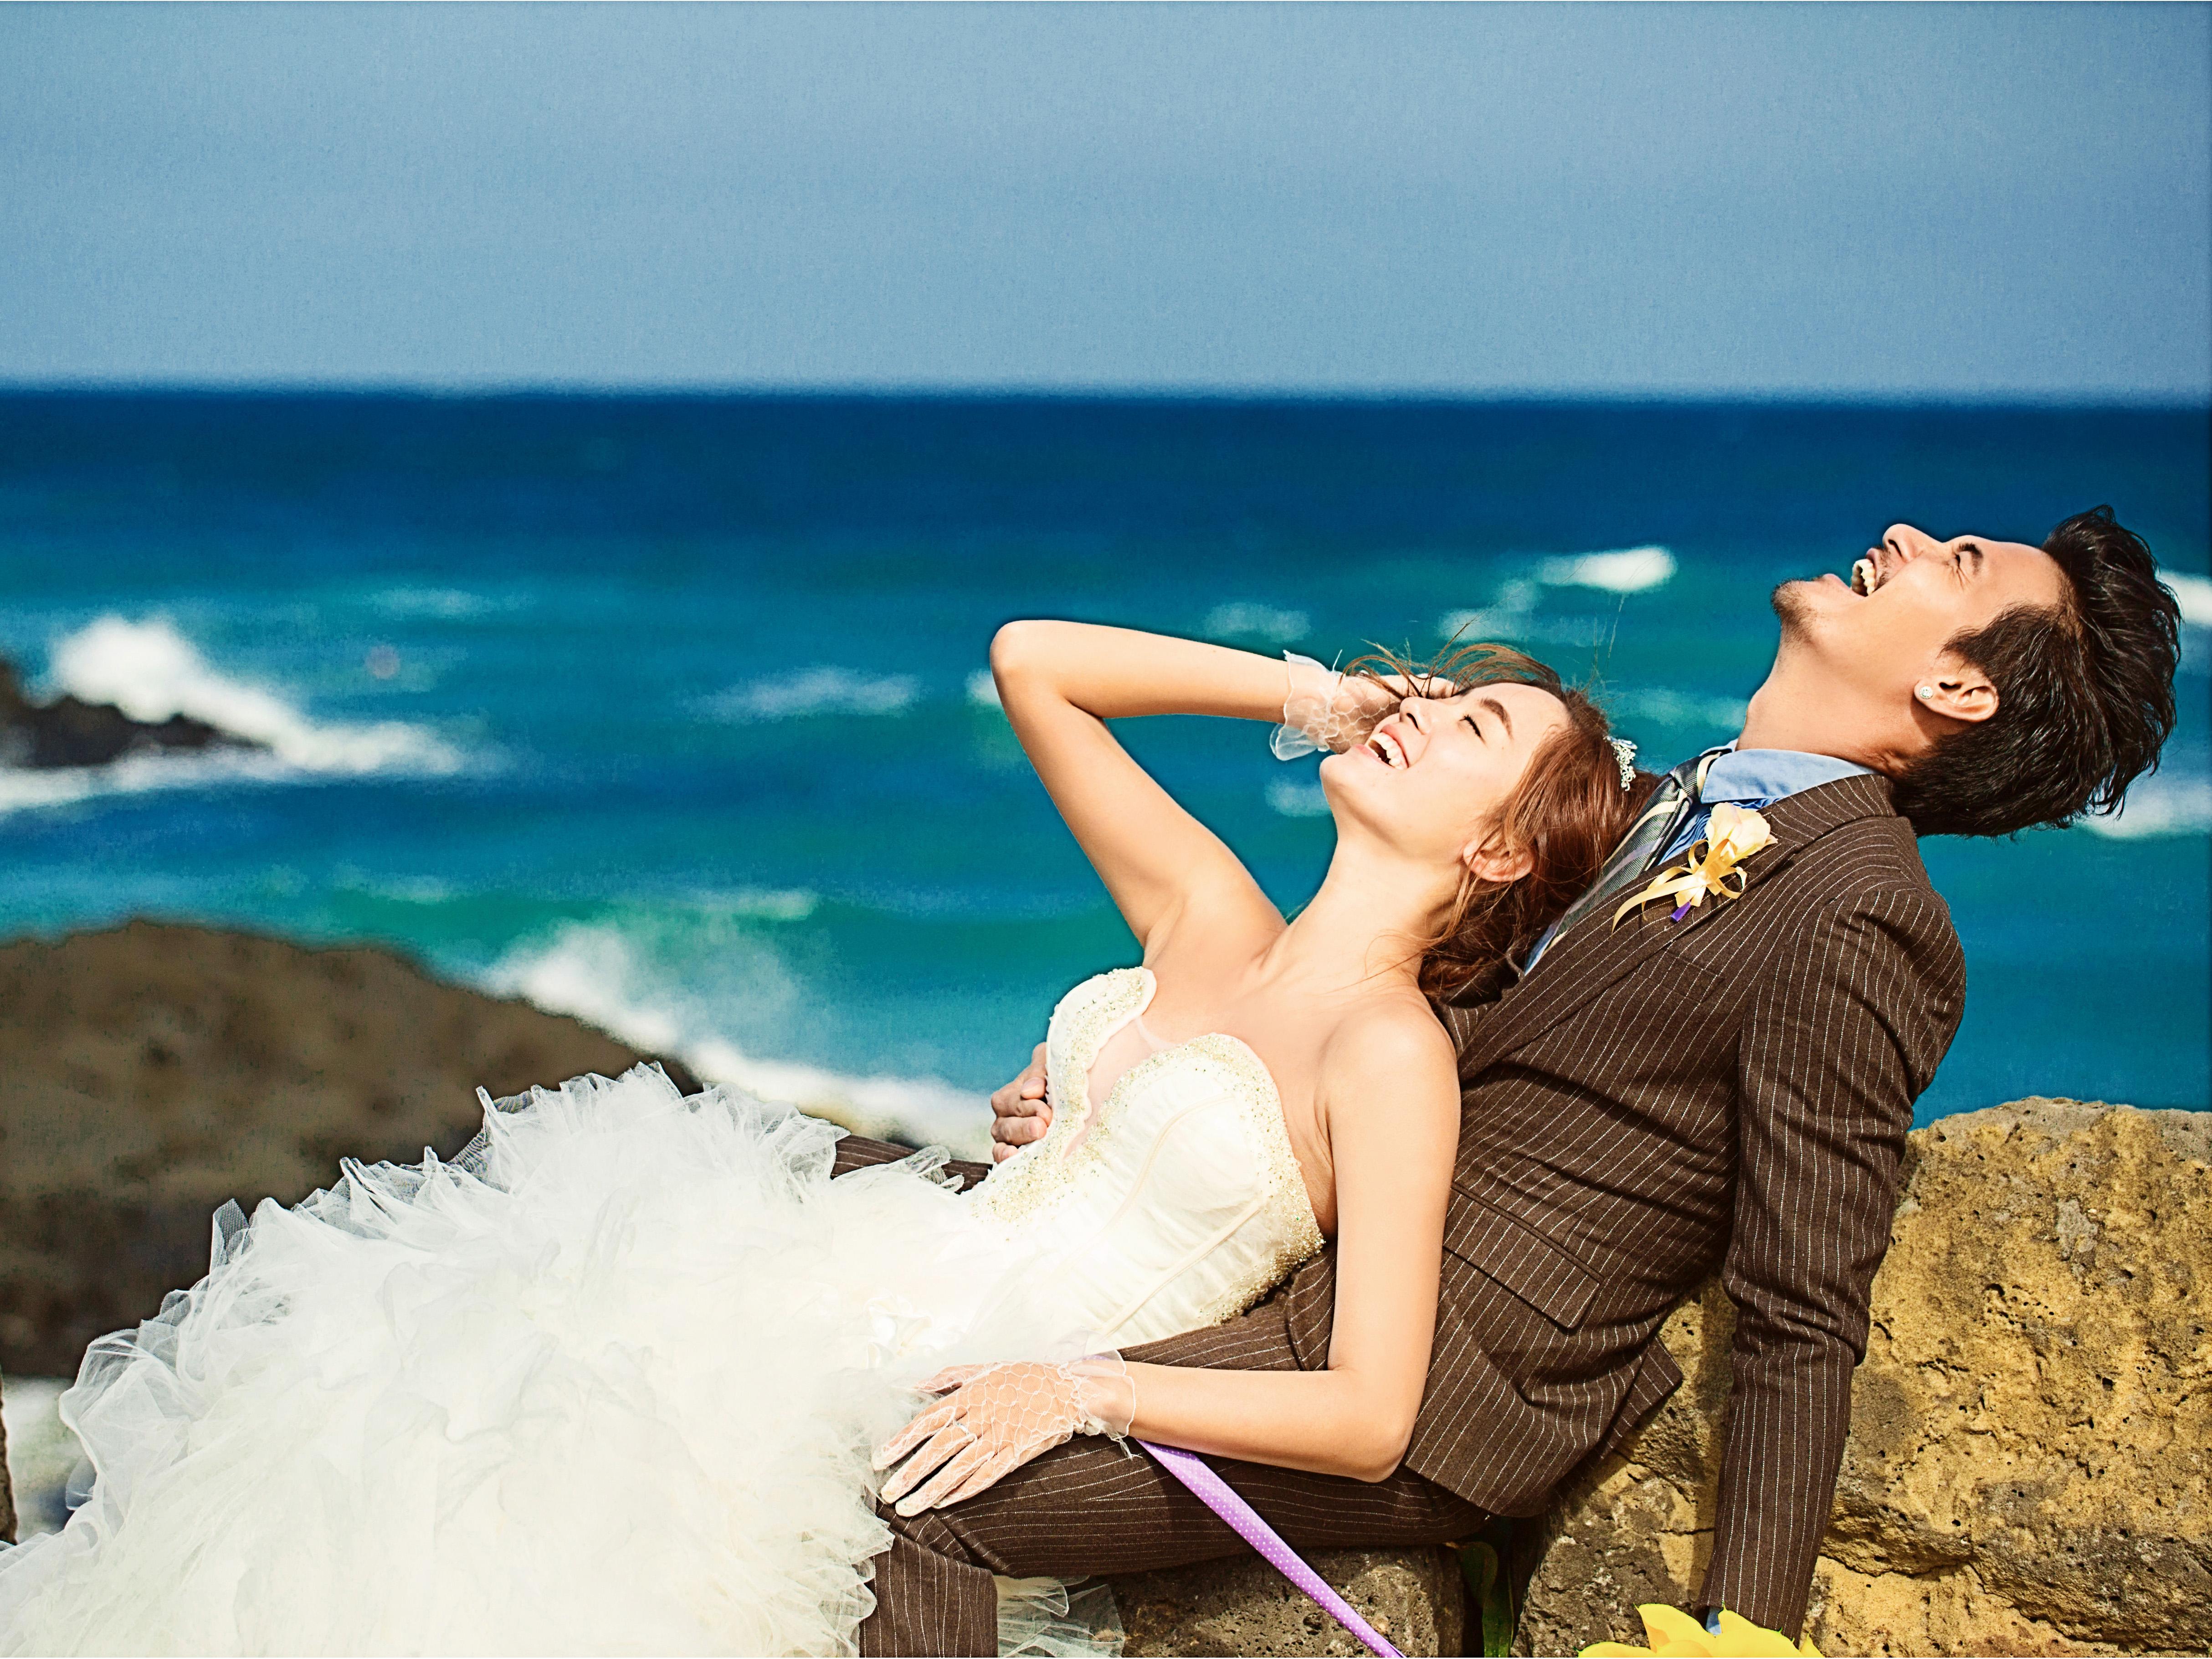 文艺礁石海景婚纱照